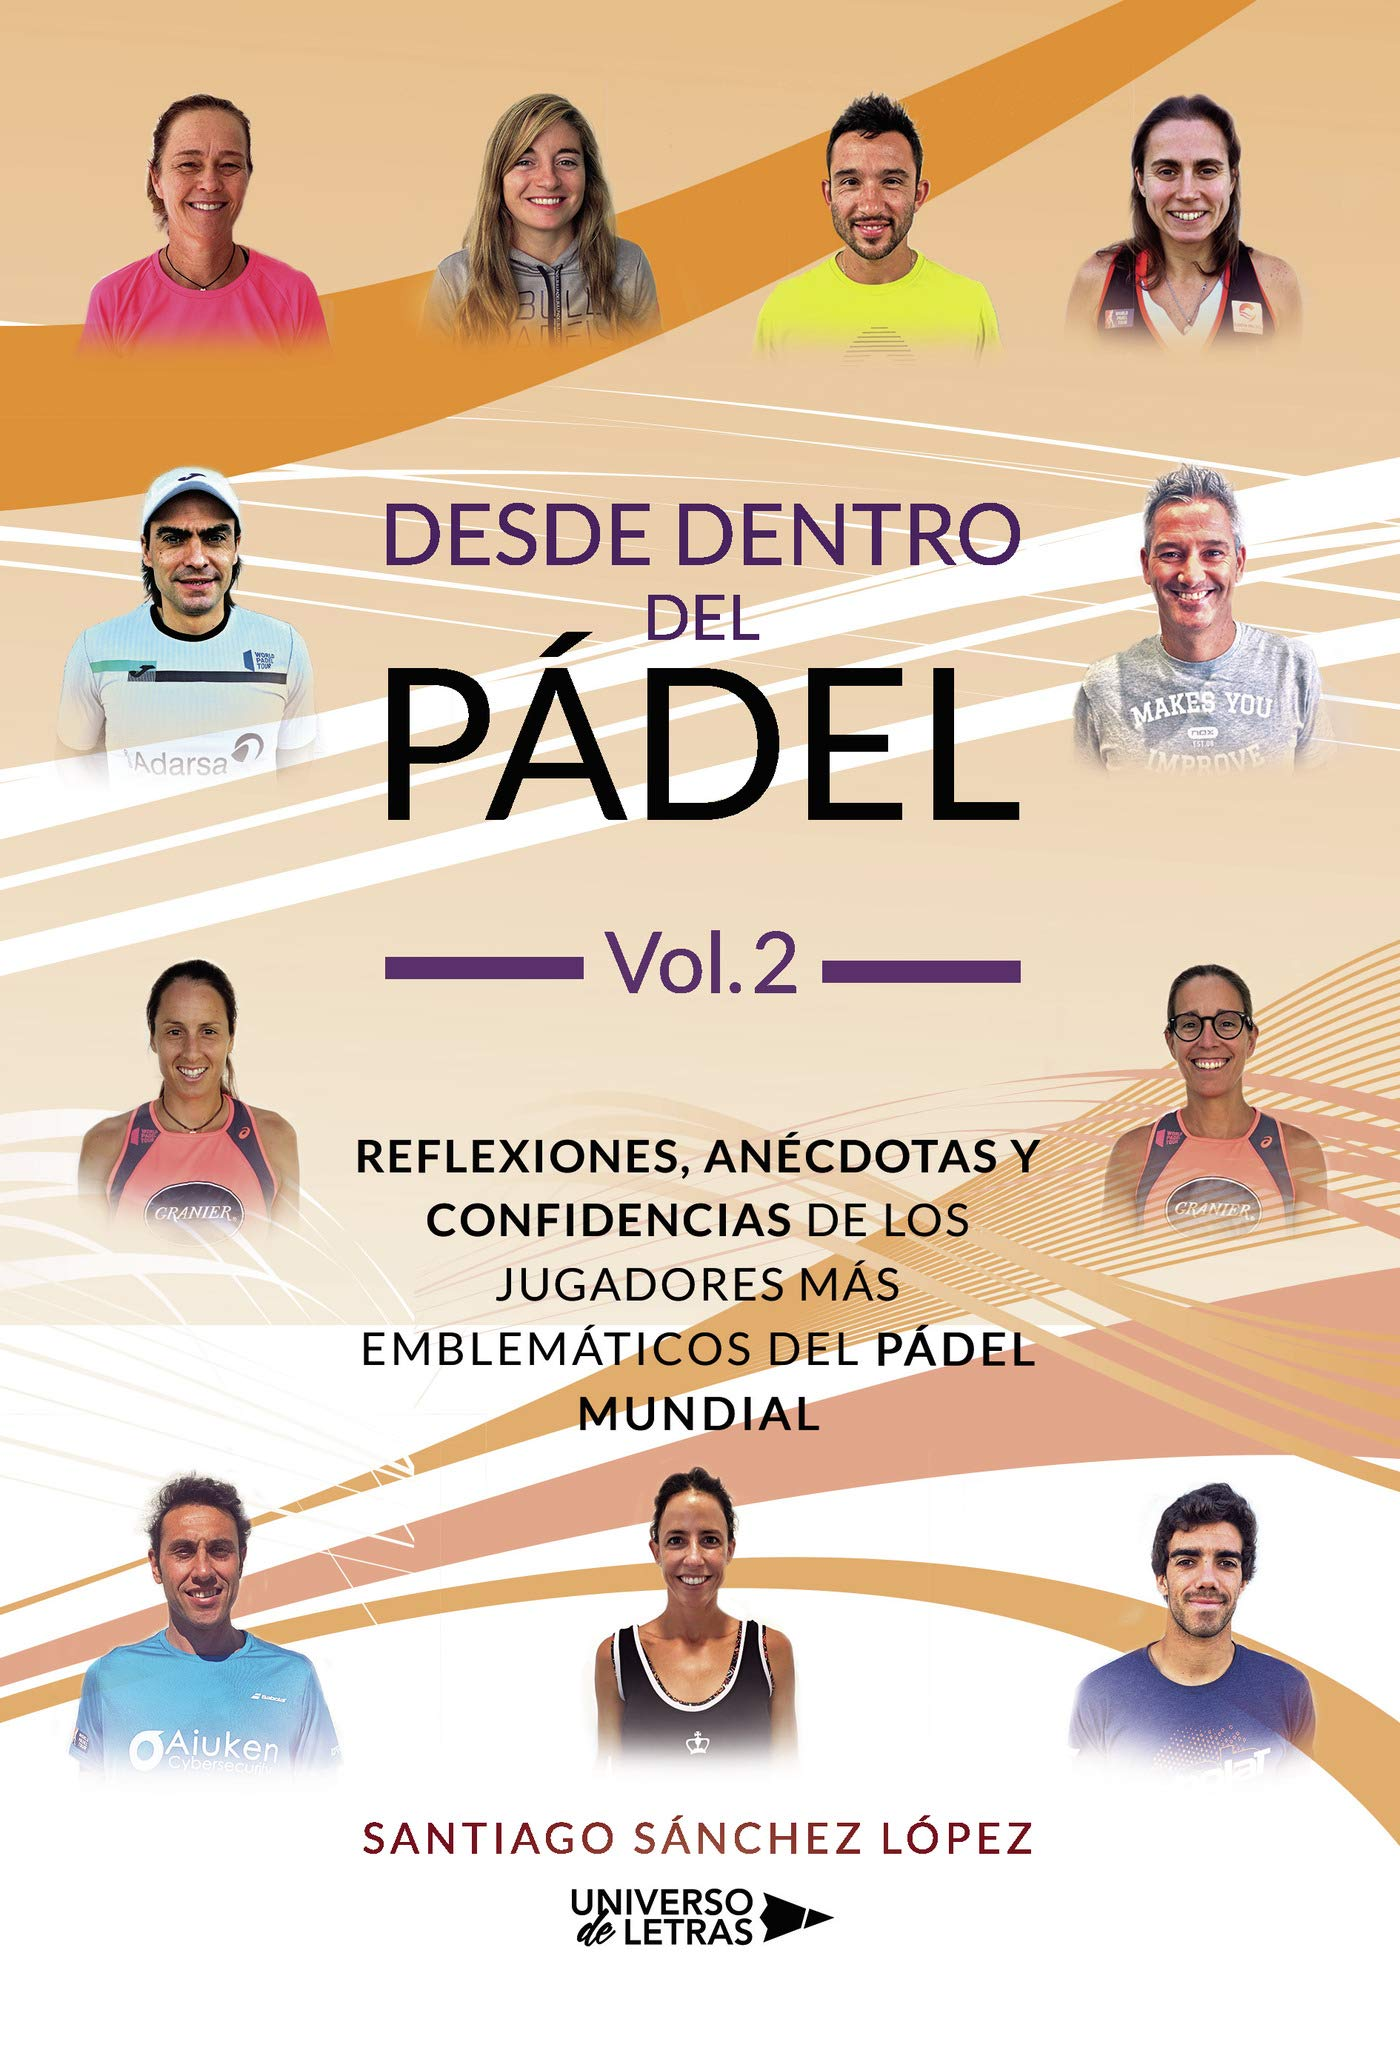 Desde dentro del Pádel Vol. 2: Reflexiones, anécdotas y confidencias de los jugadores más emblemáticos del pádel mundial: Amazon.es: Sánchez, Santiago: Libros